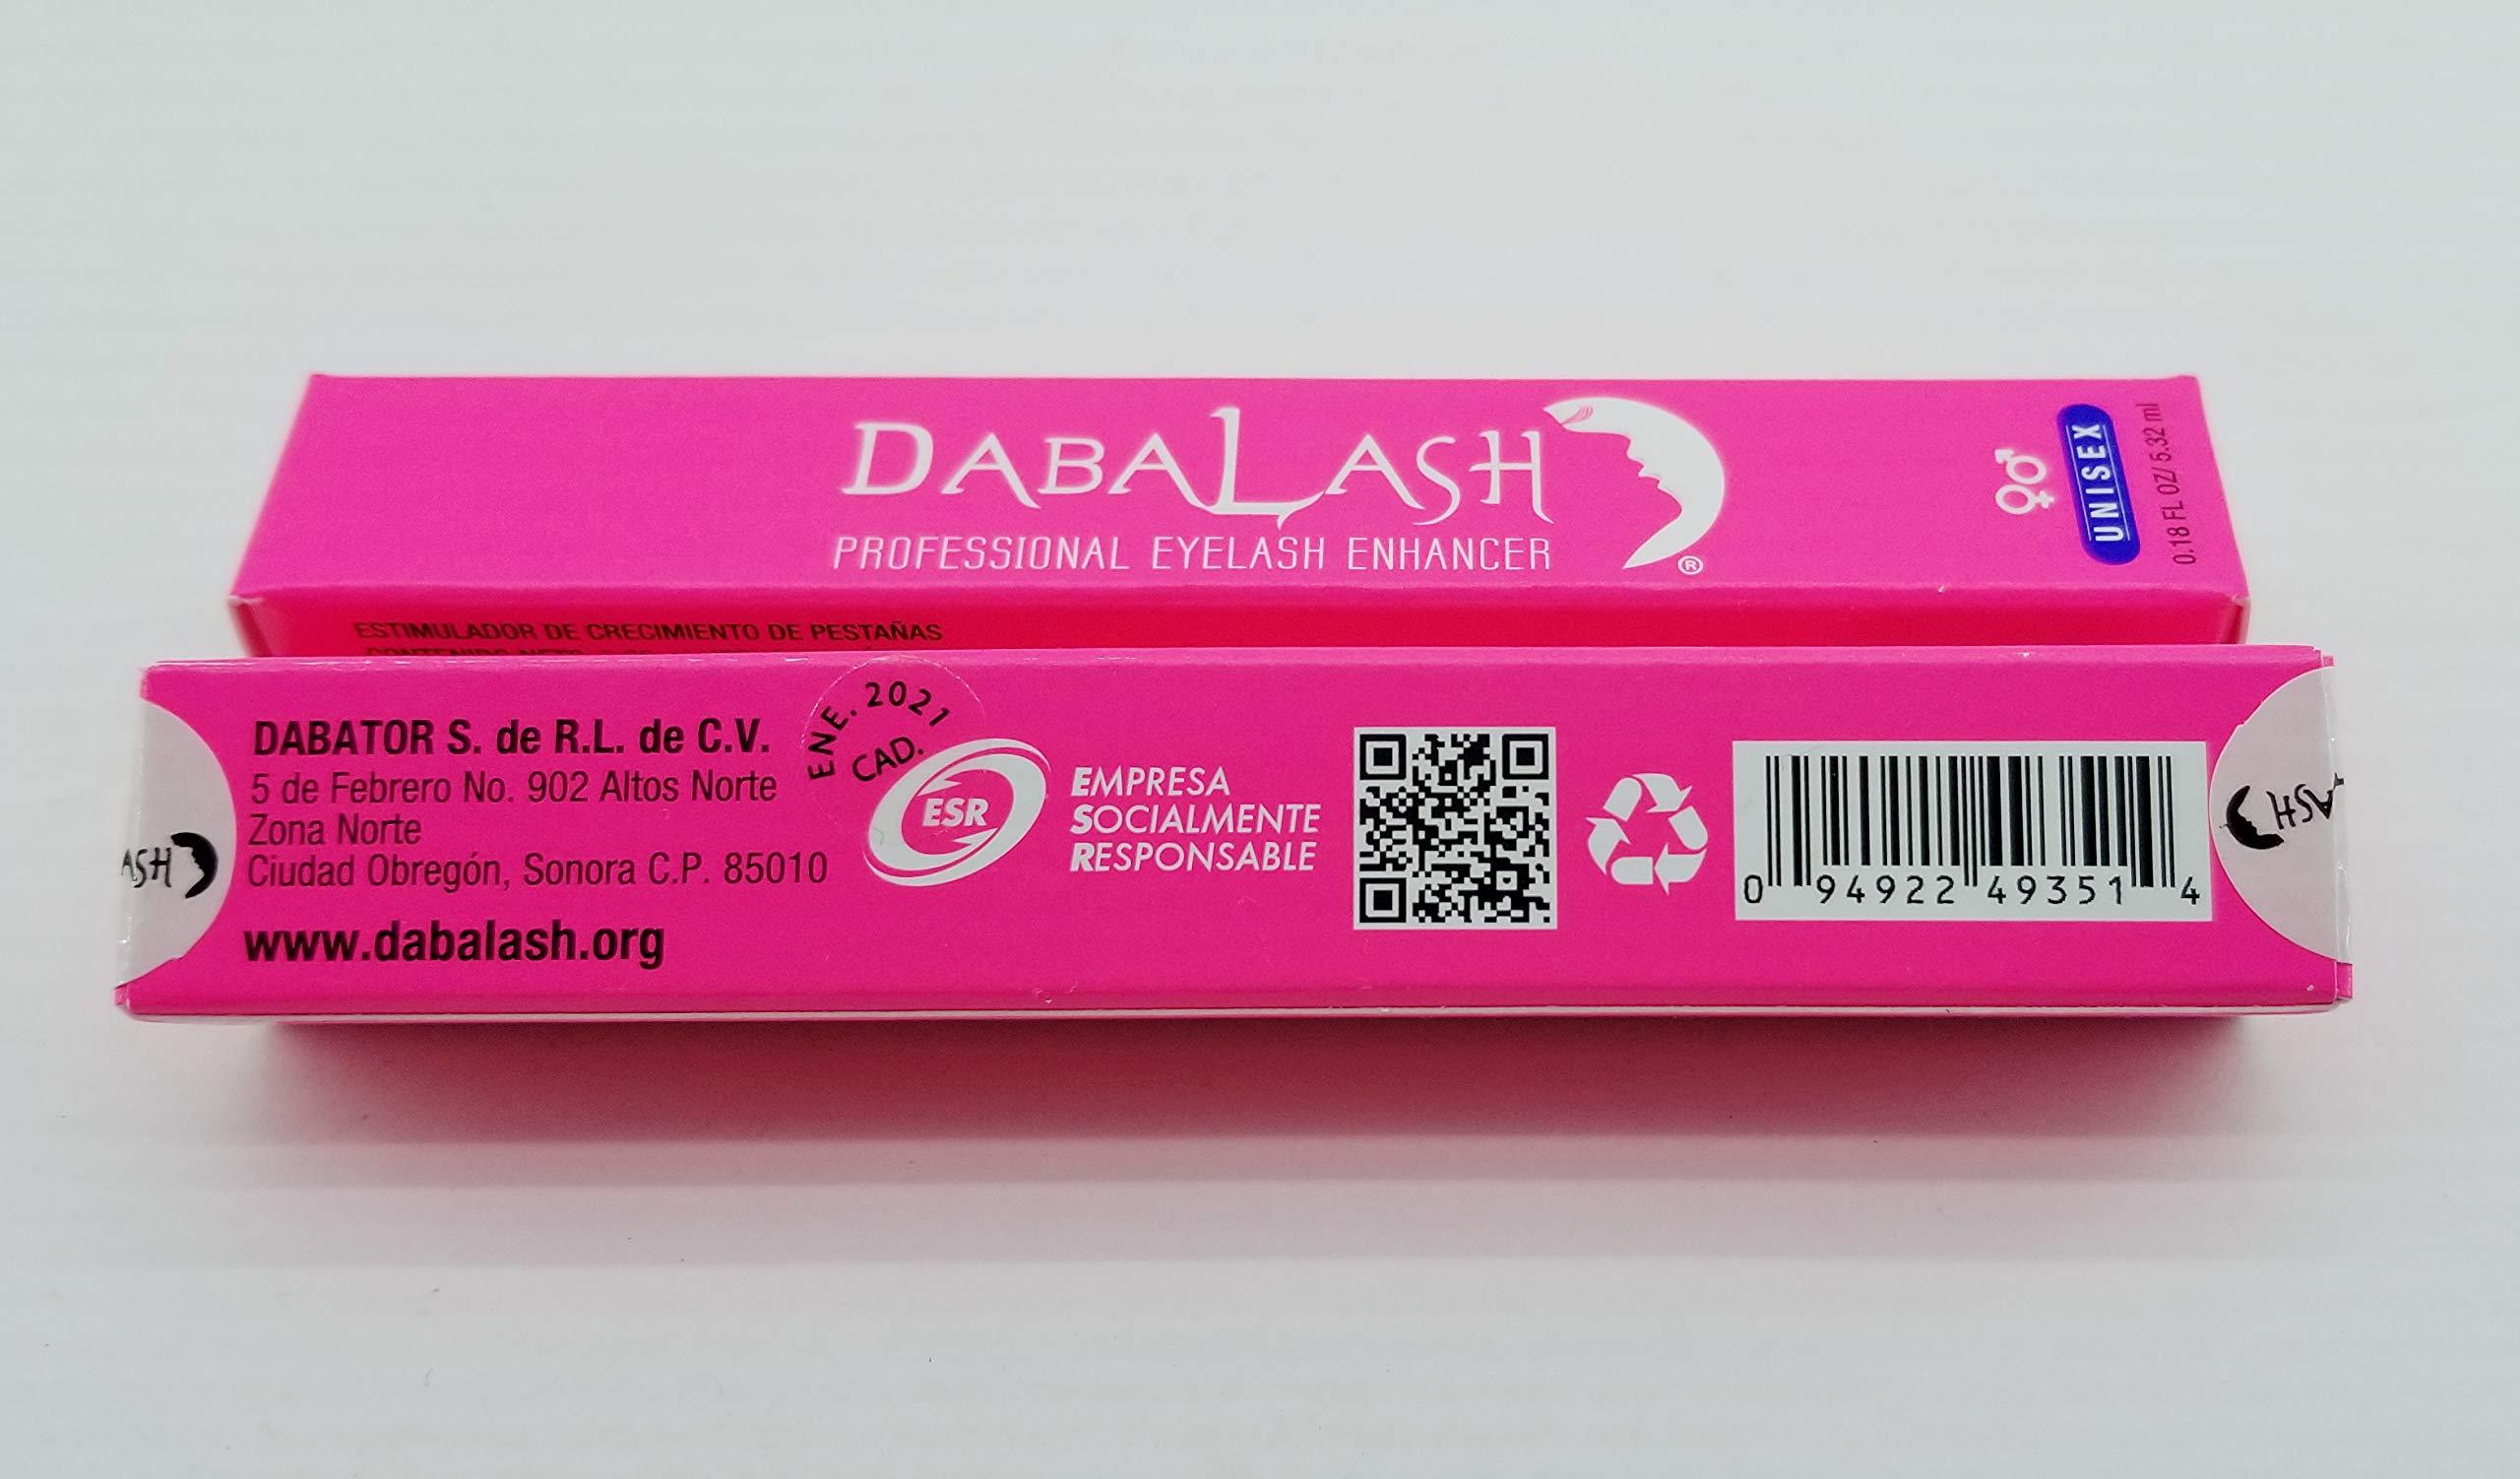 Dabalash Eye Lash Enhancer